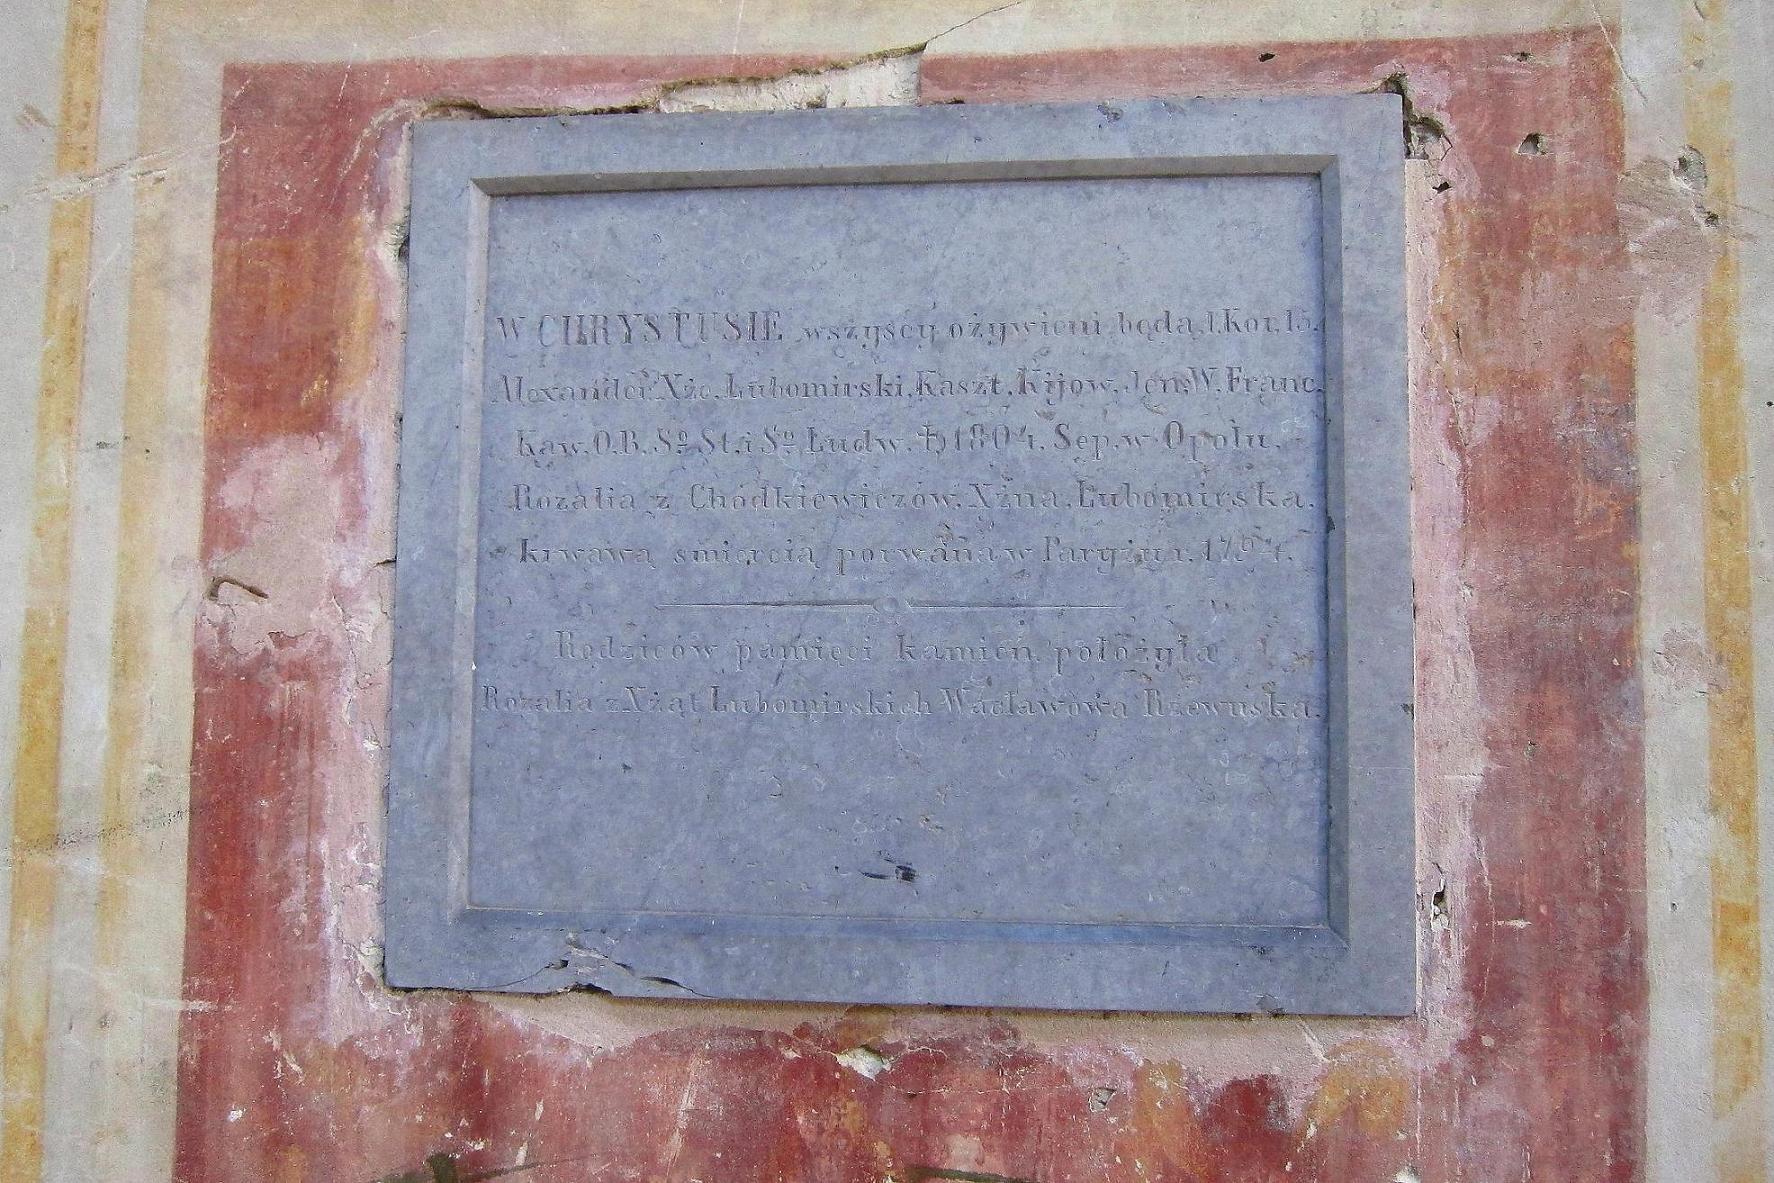 Gамятна плита-епітафія Олександру Любомирському каштеляну Київському, що помер в 1804 році в Ополю, та Розалії з Ходкевичів Любомирській, яка була страчена гільотиною в 1794 р. в Парижі, разом з королевою Франції Марією Антуанеттою.